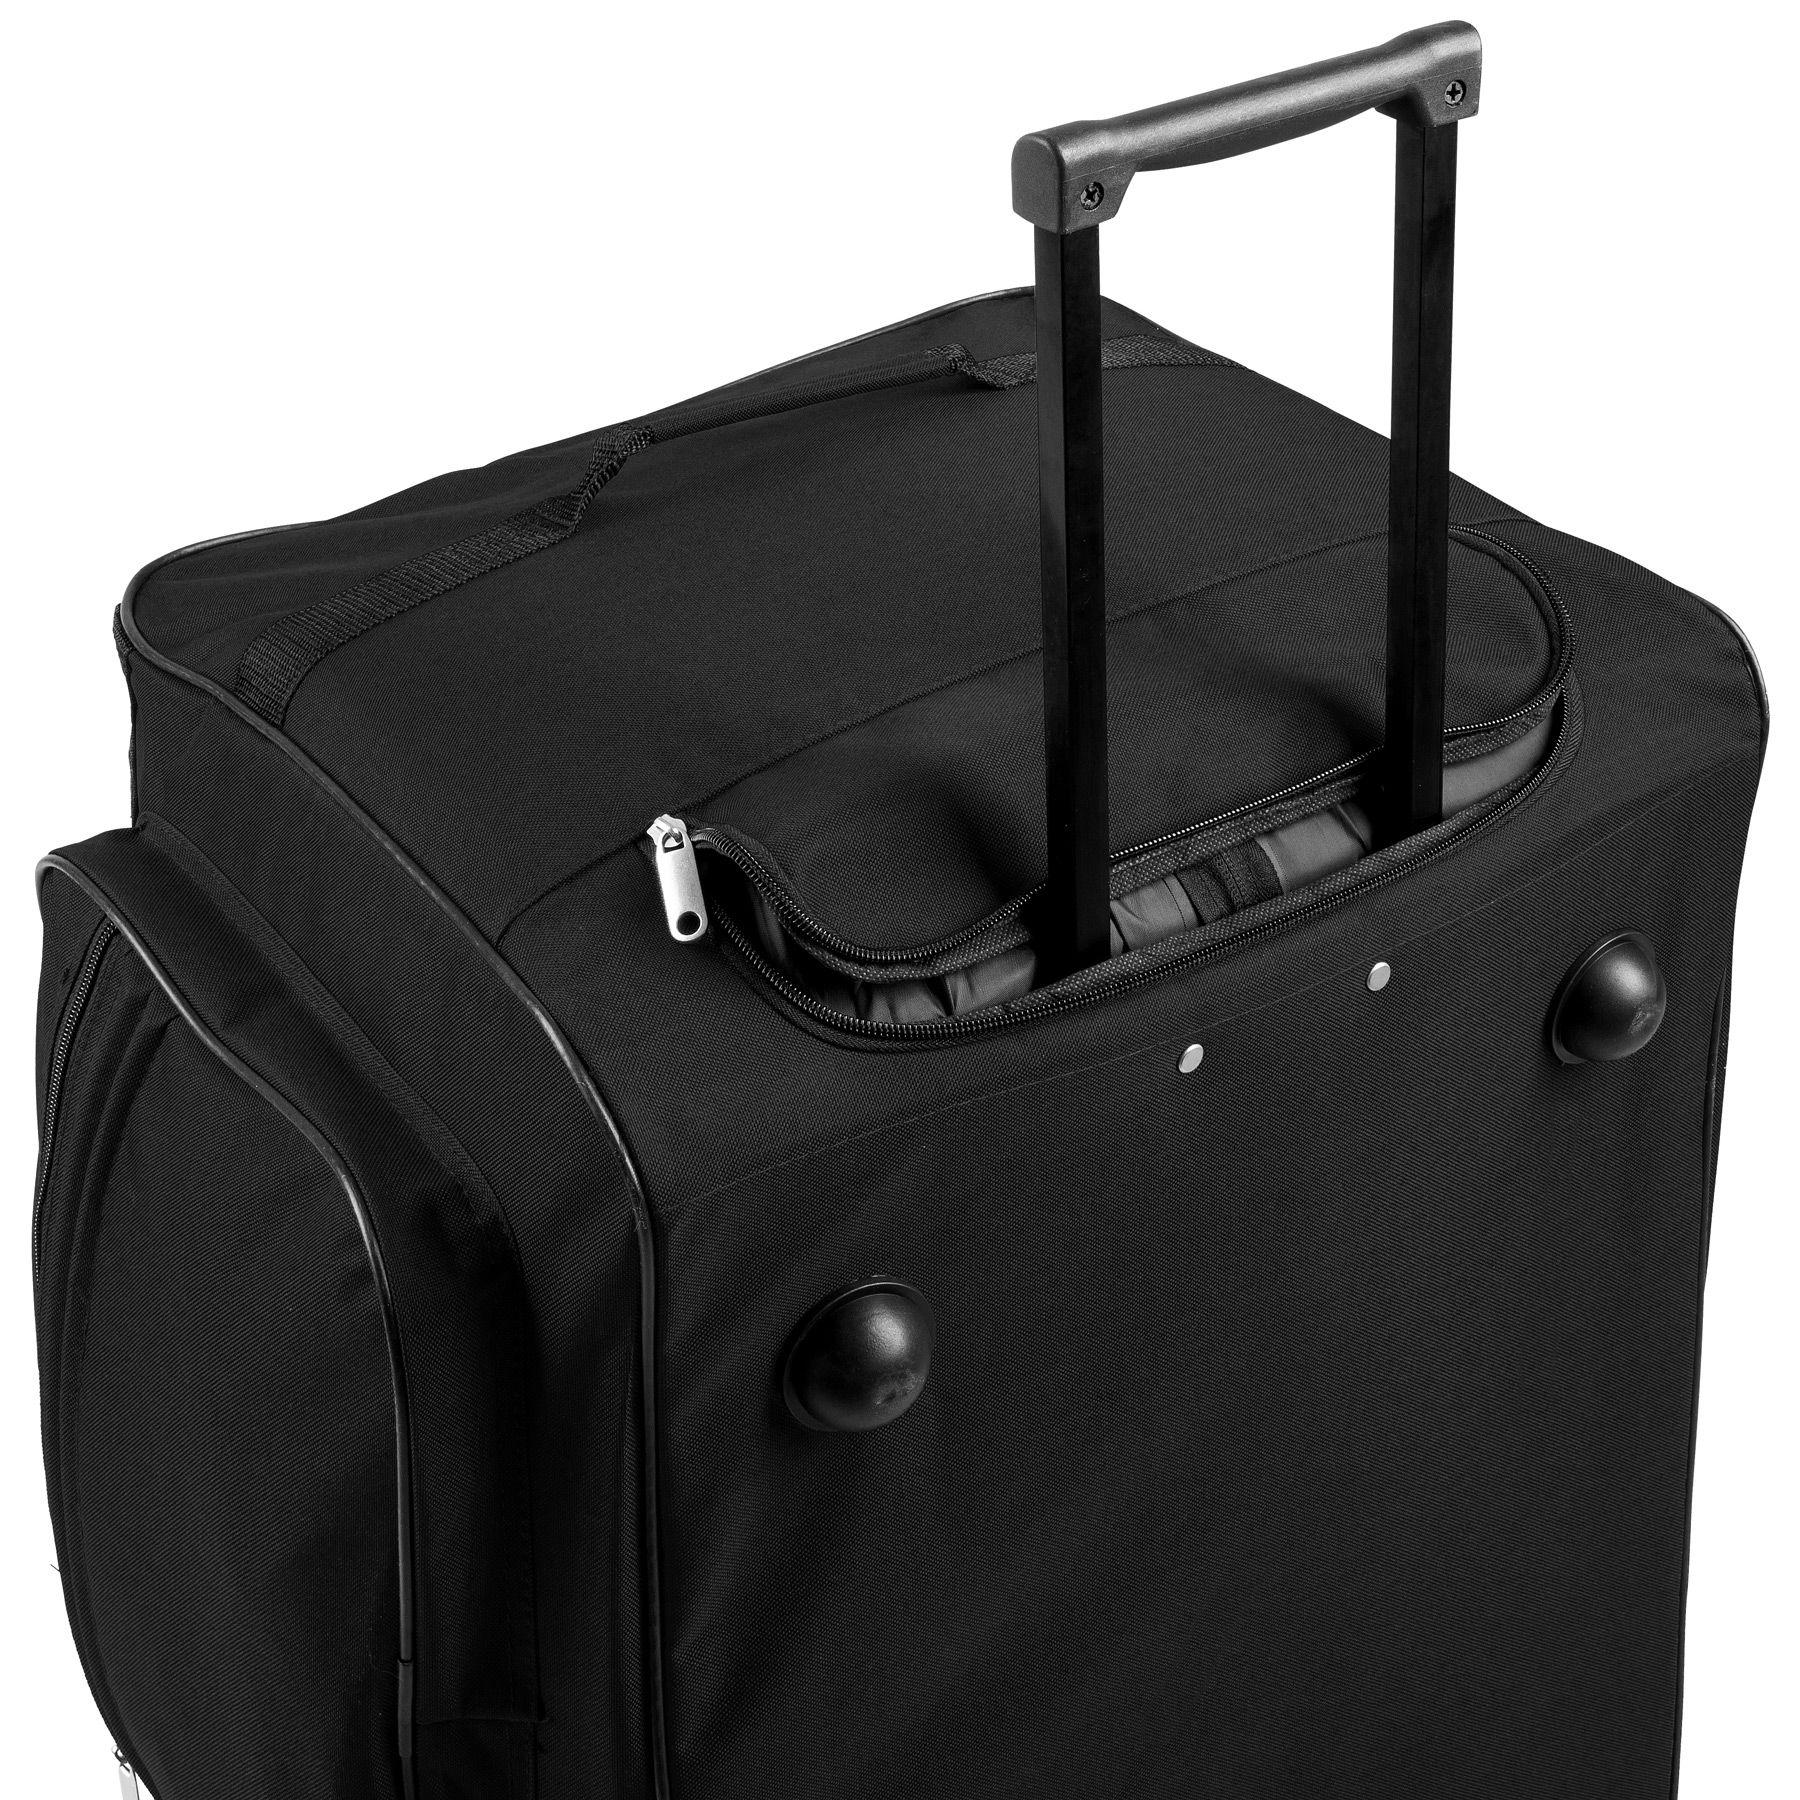 TecTake_Reisetasche_402213_4 Sac de voyage XXL valise trolley légère sport bagage à roulettes 160 litres